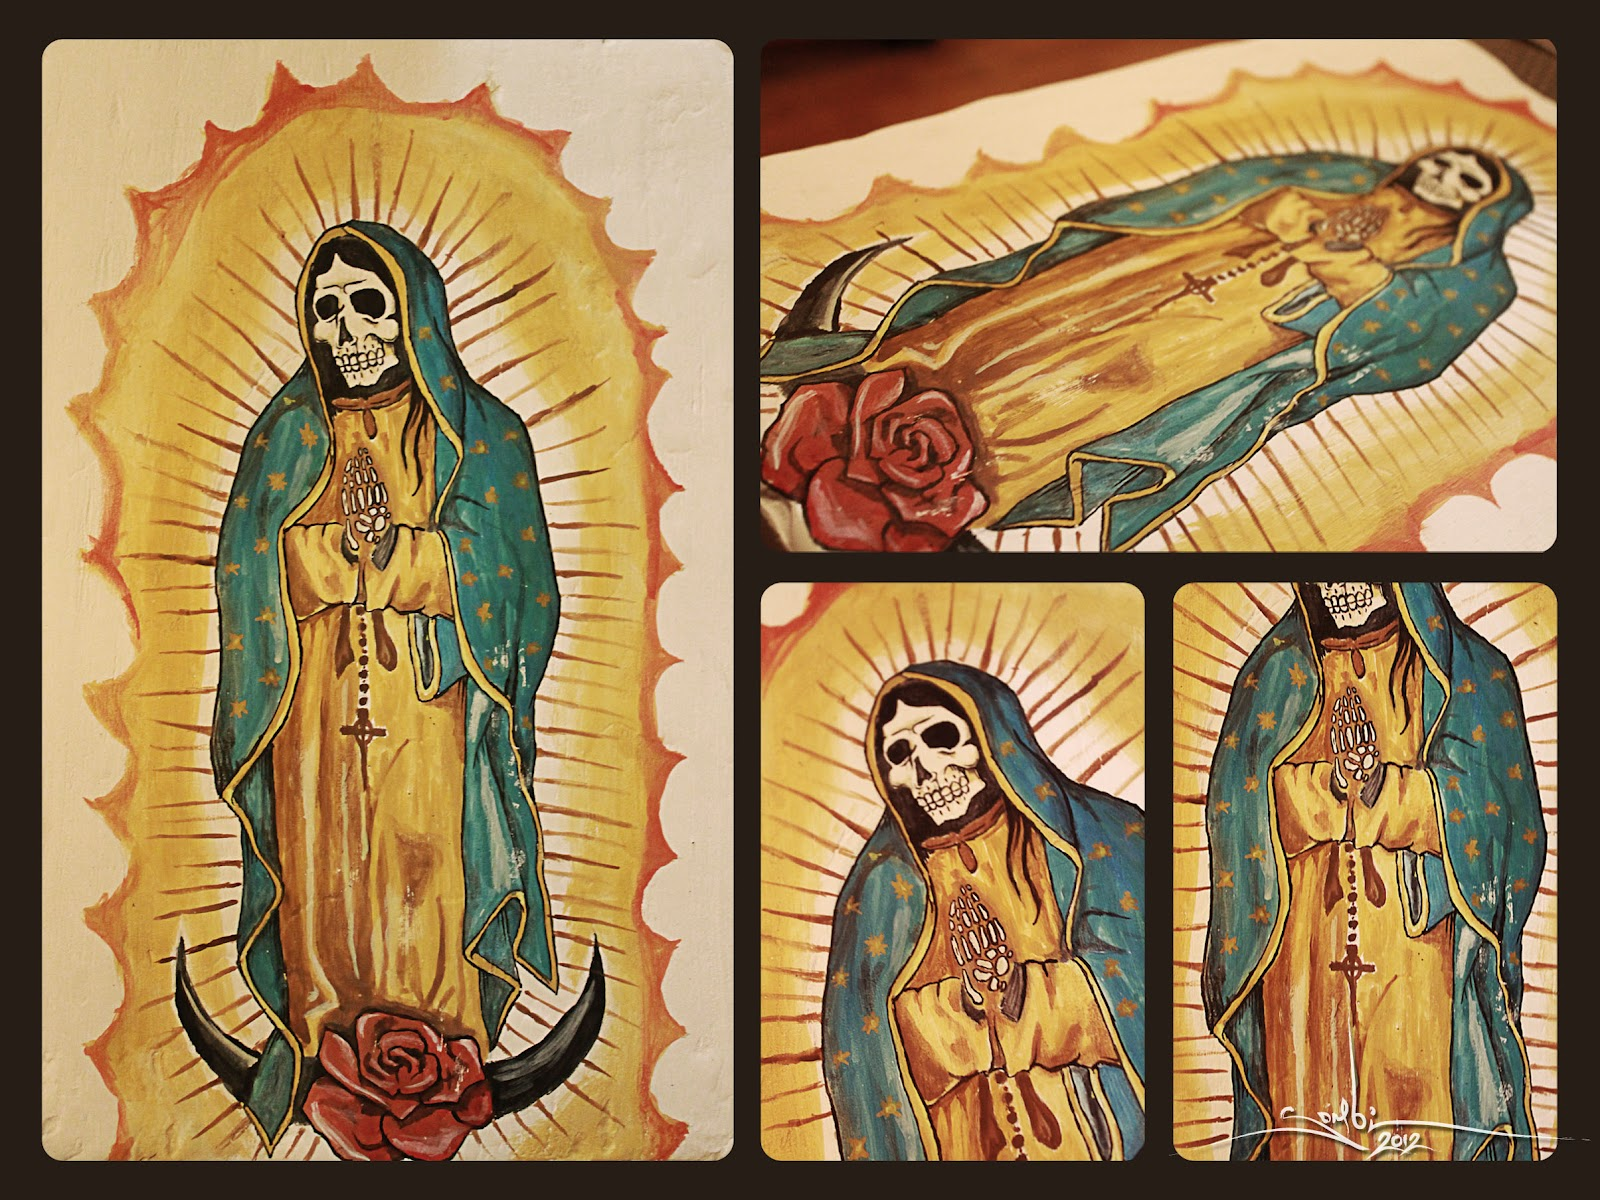 Mary mexicana le da risa que se la metan por el culo - 2 part 5